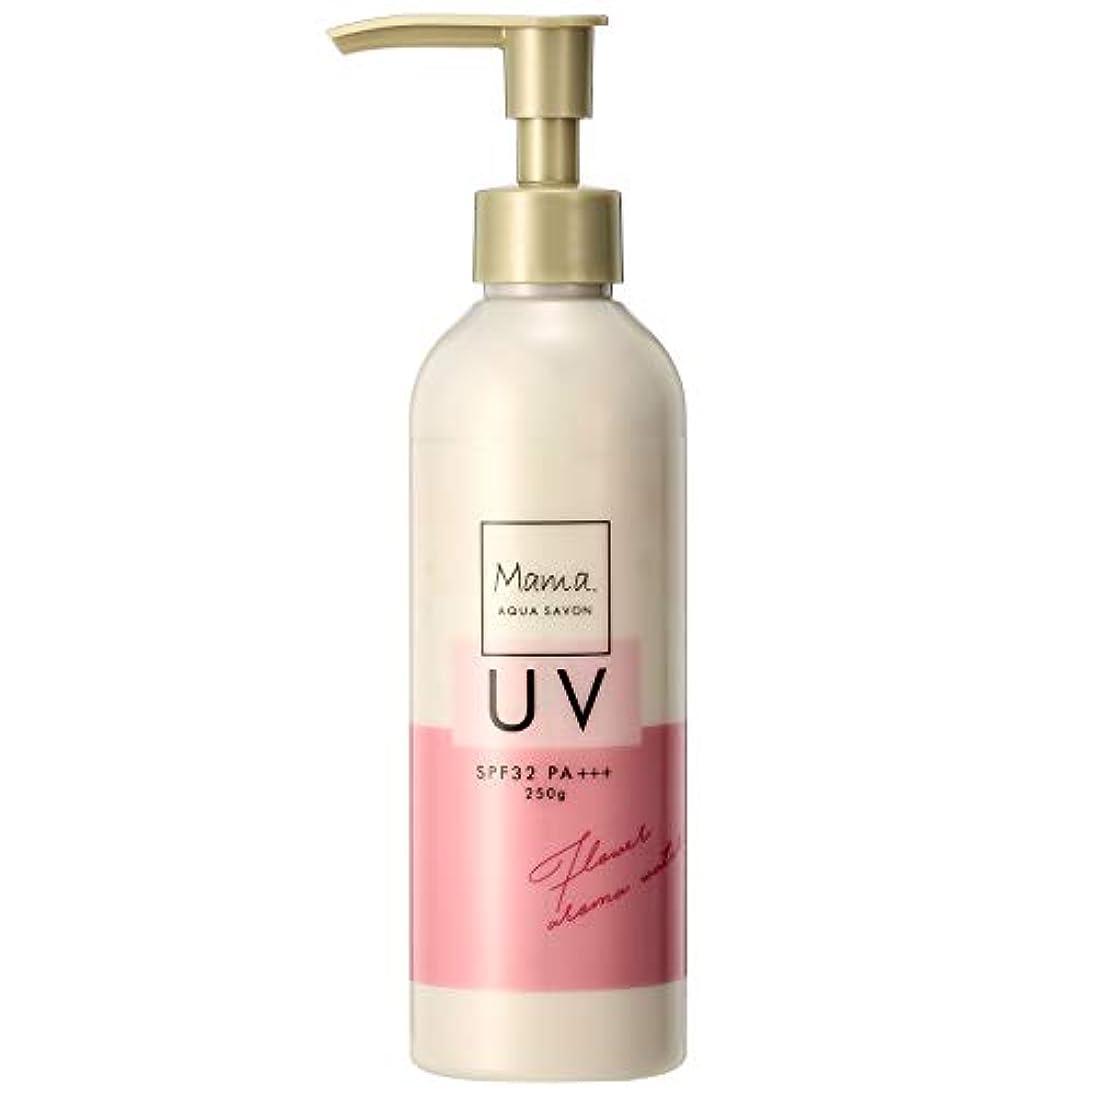 無駄にシネウィ水素ママアクアシャボン UVモイストジェル フラワーアロマウォーターの香り 19S 250g